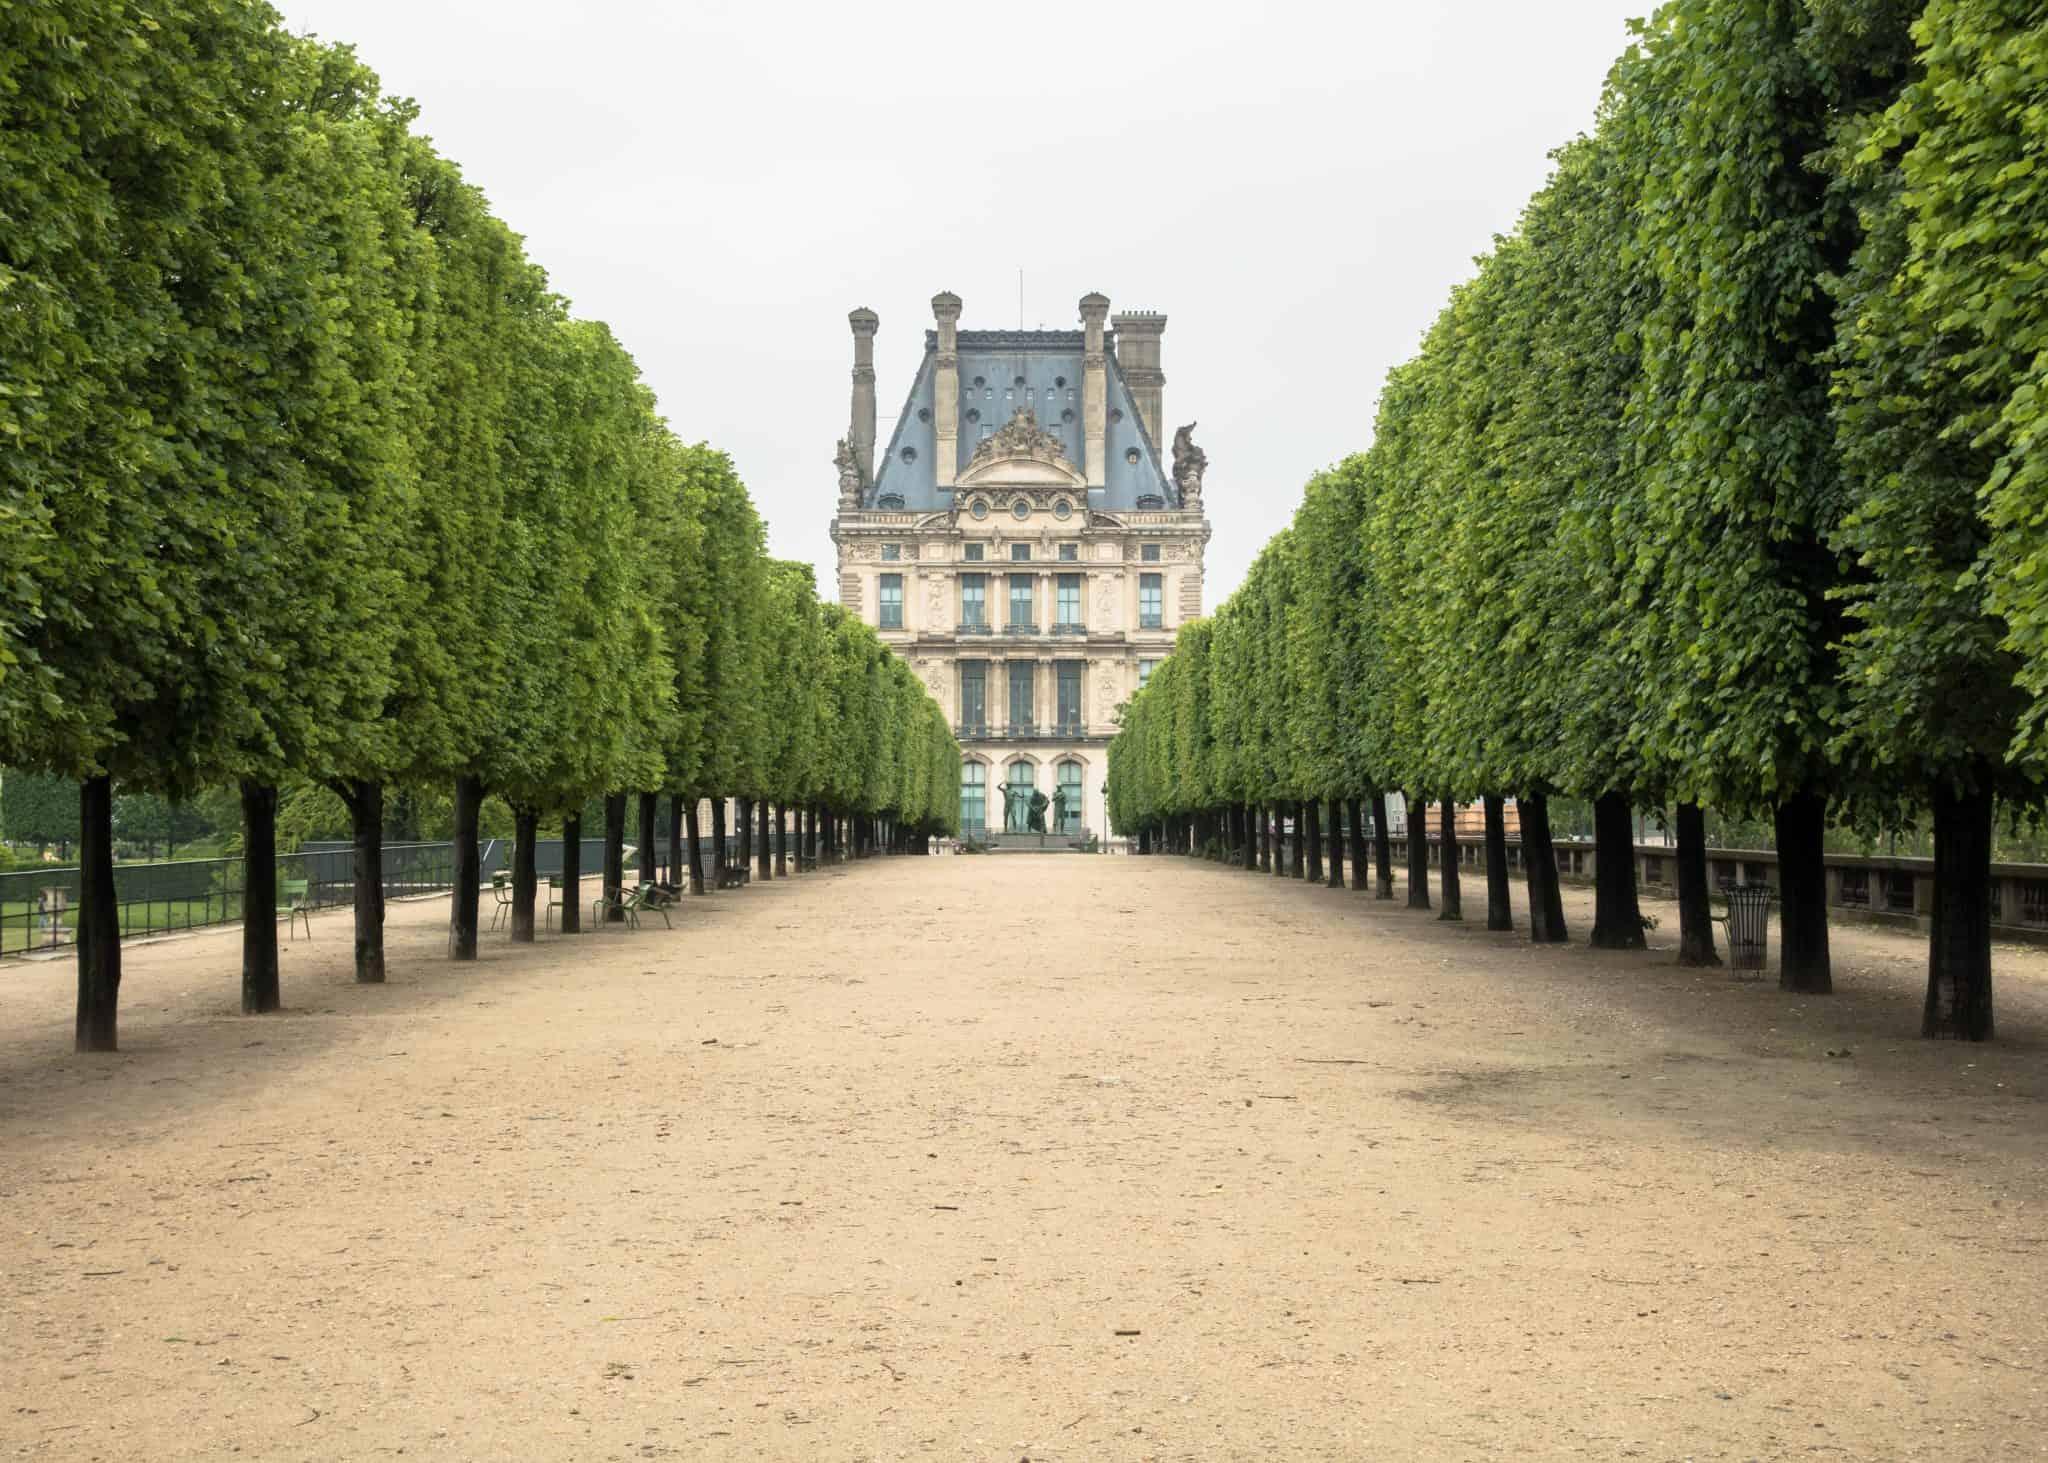 The Tuileries Gardens in Paris - visit Paris in 4 days